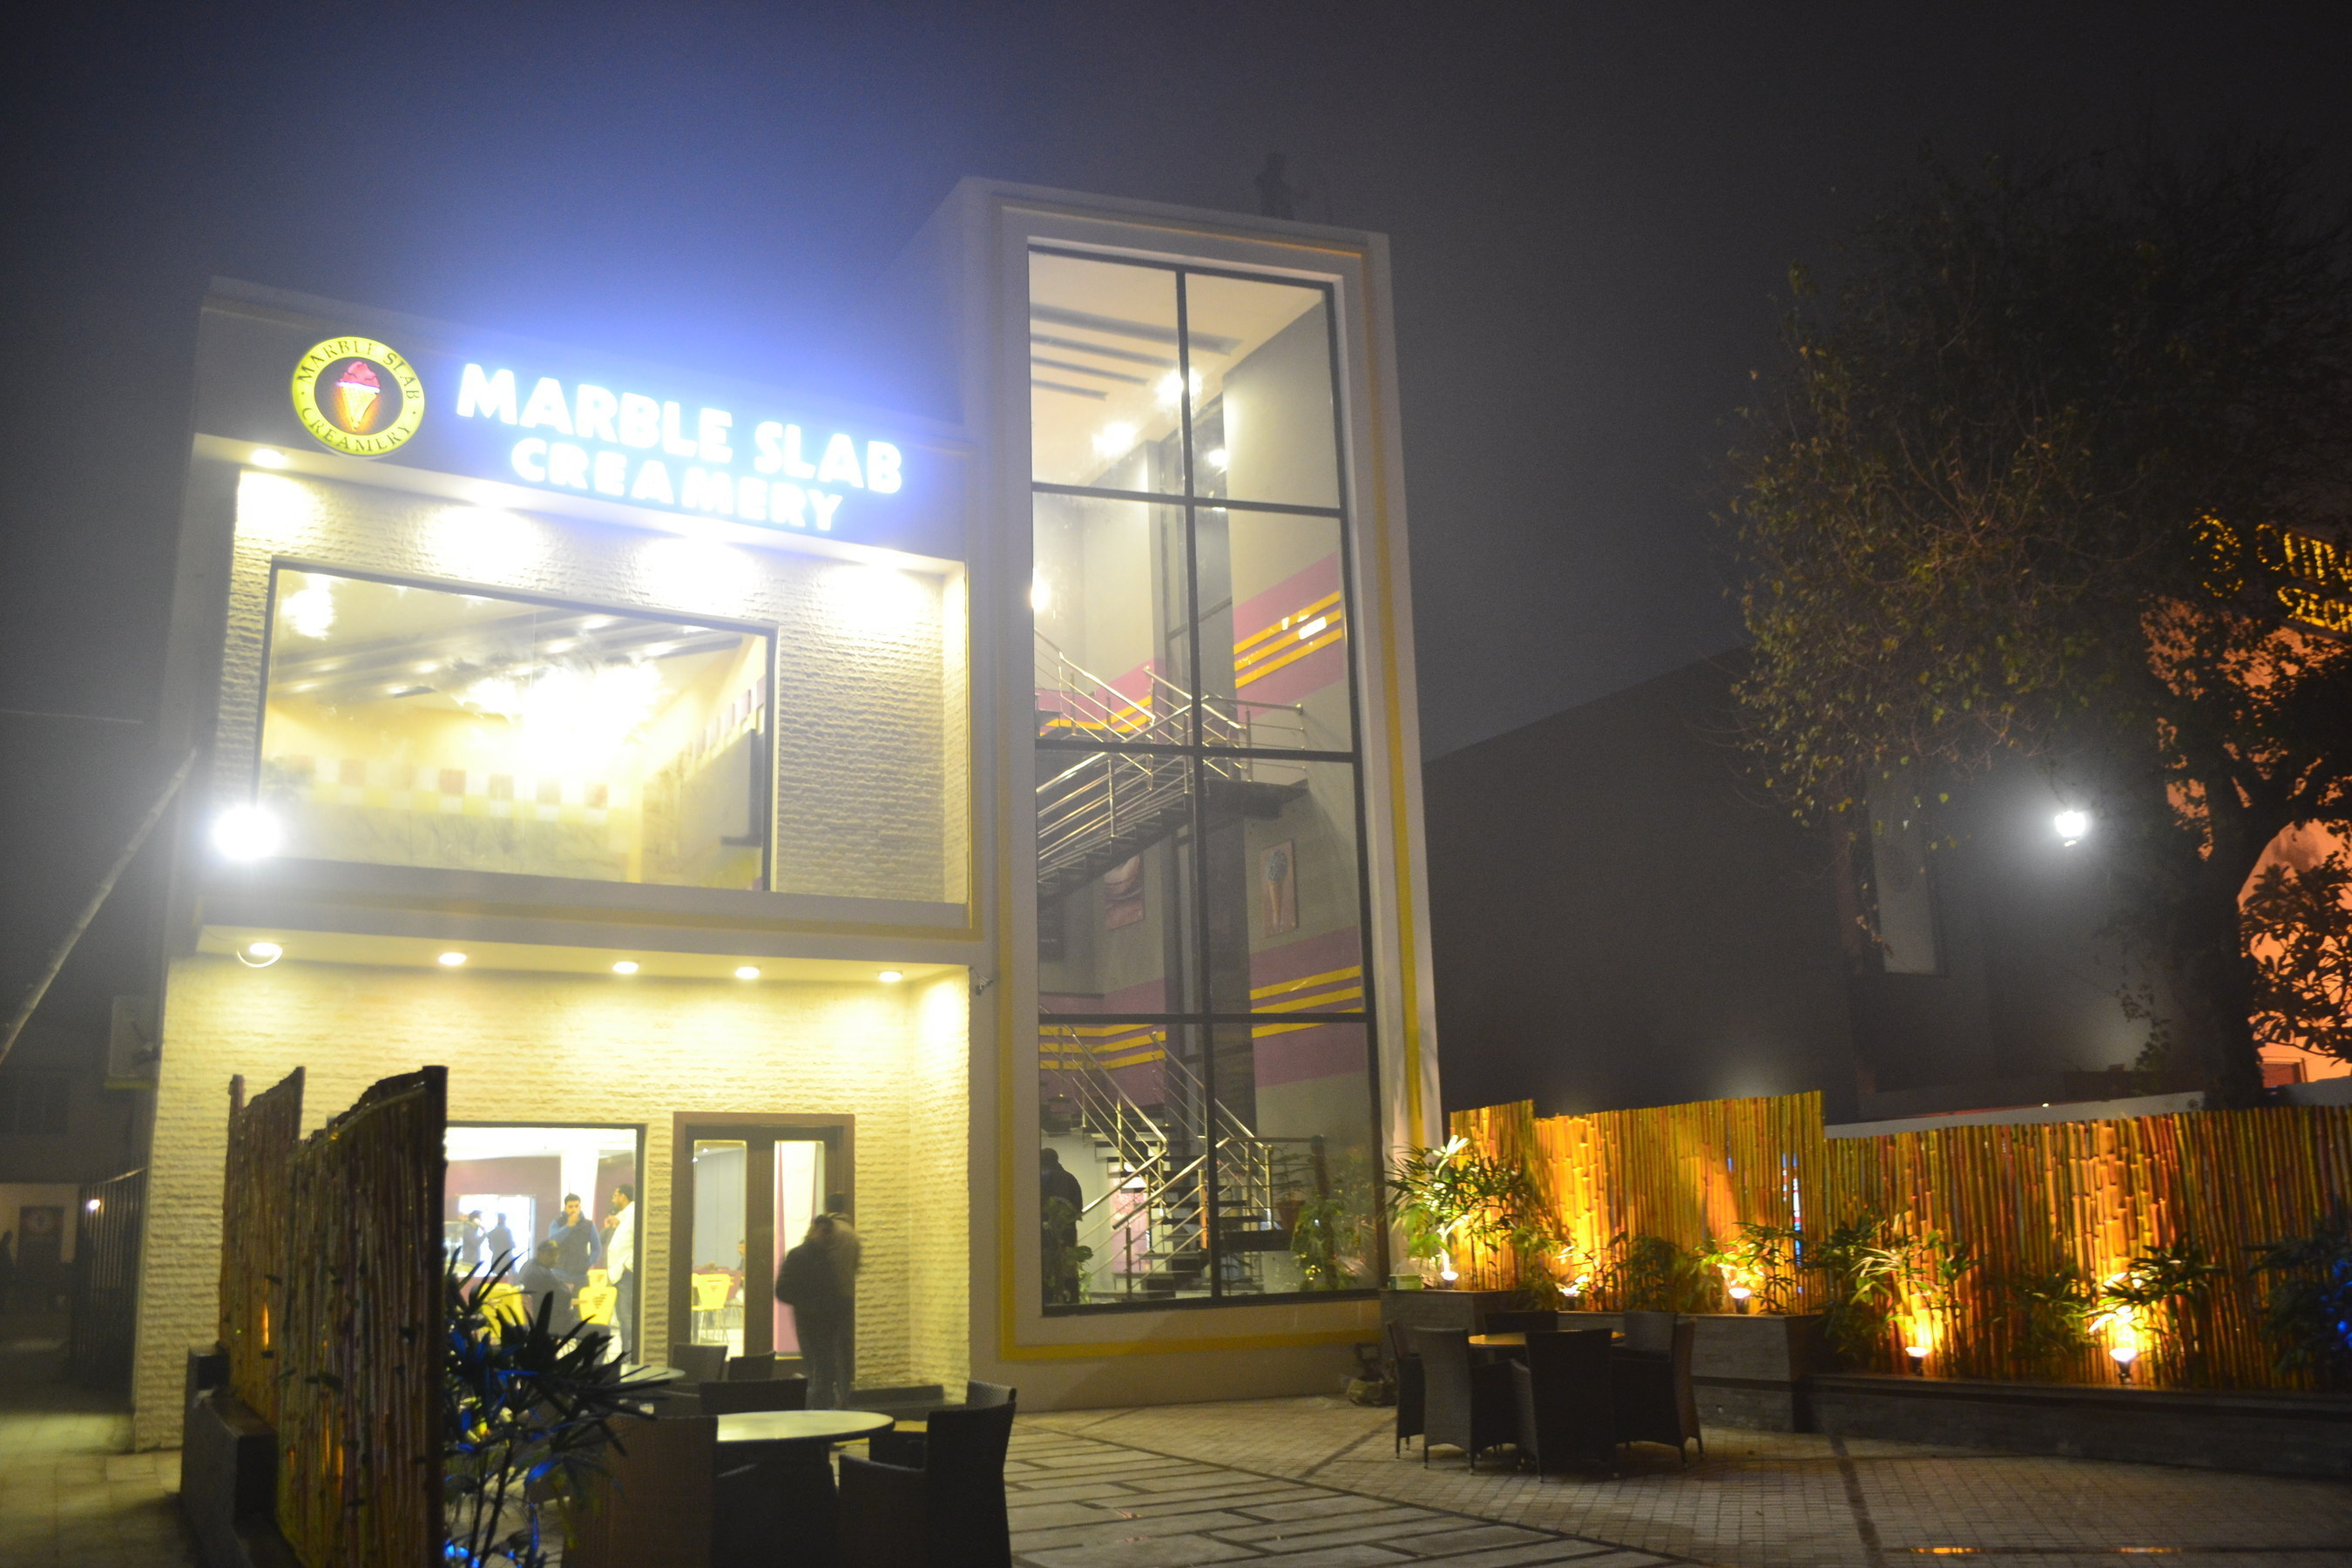 Marble Slab Creamery Opens in Pakistan